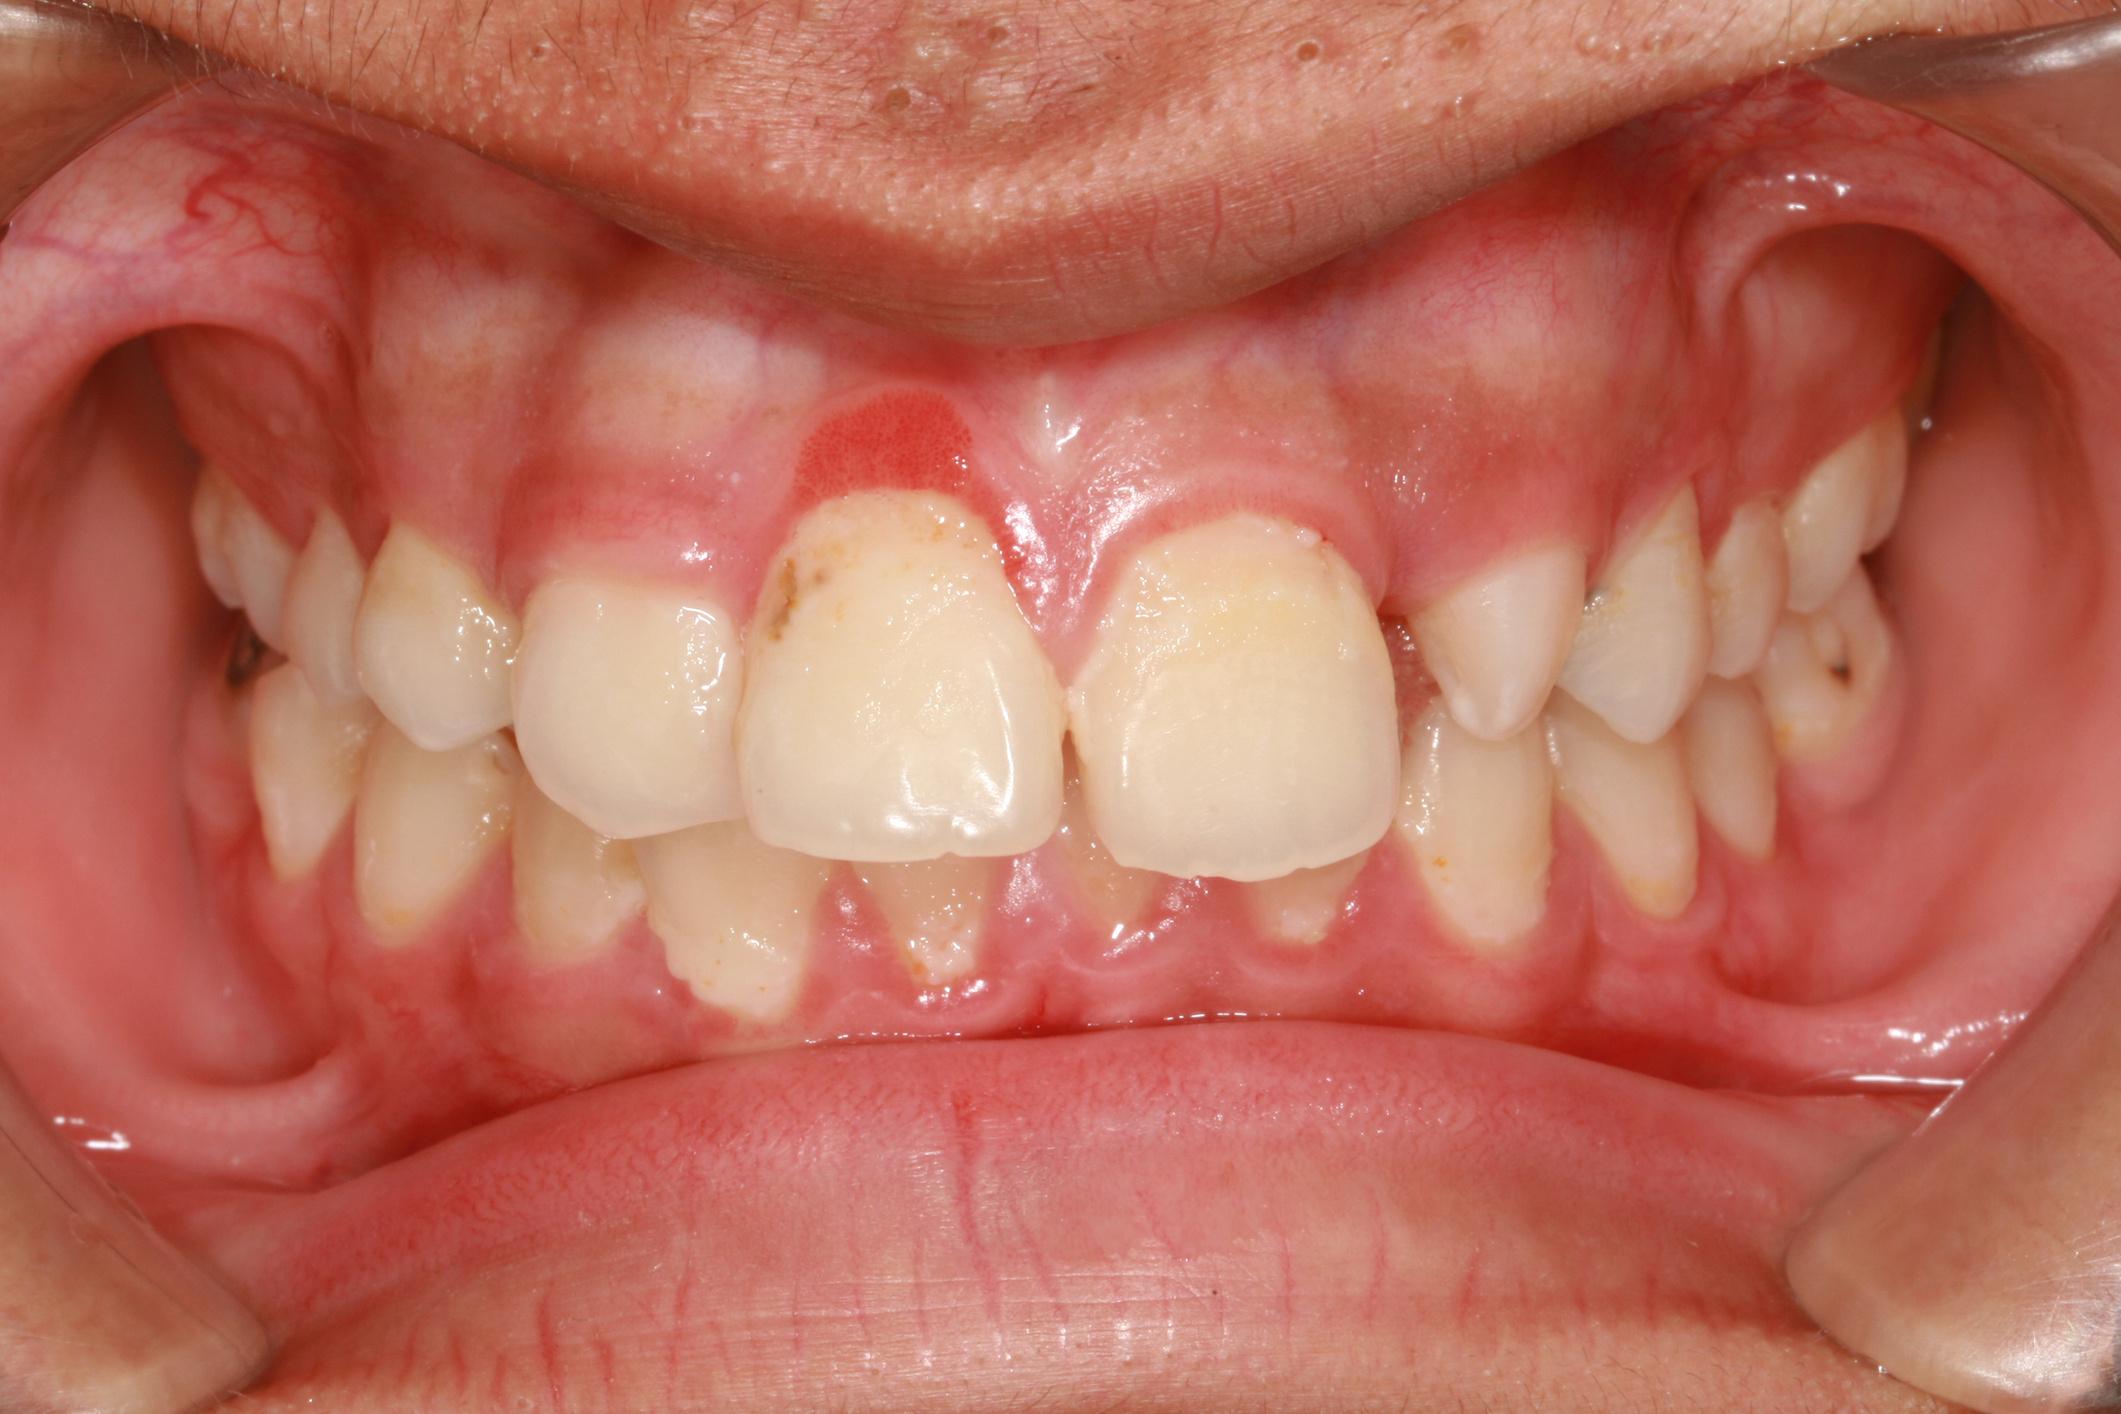 gennyet okozhat a szájból